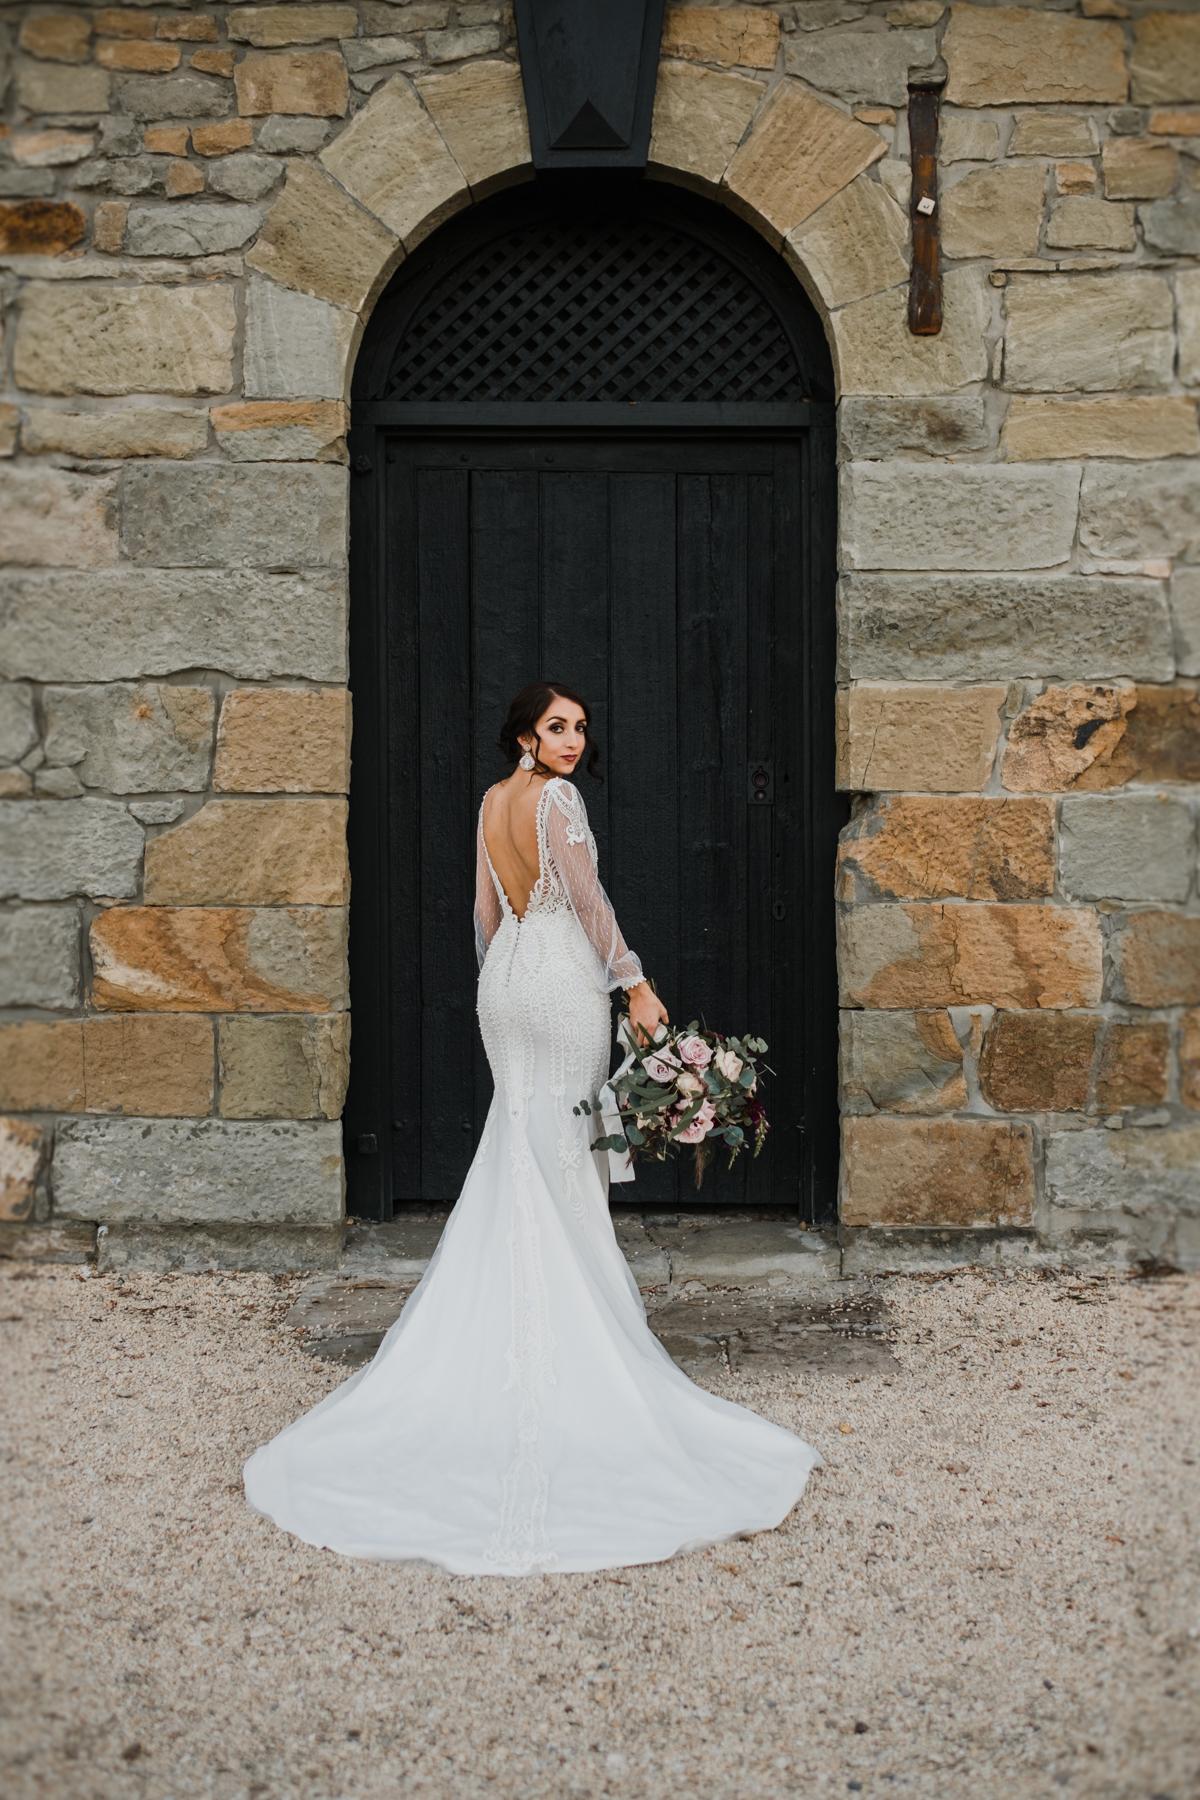 Wallalong House Wedding Photos Popcorn 006.jpg